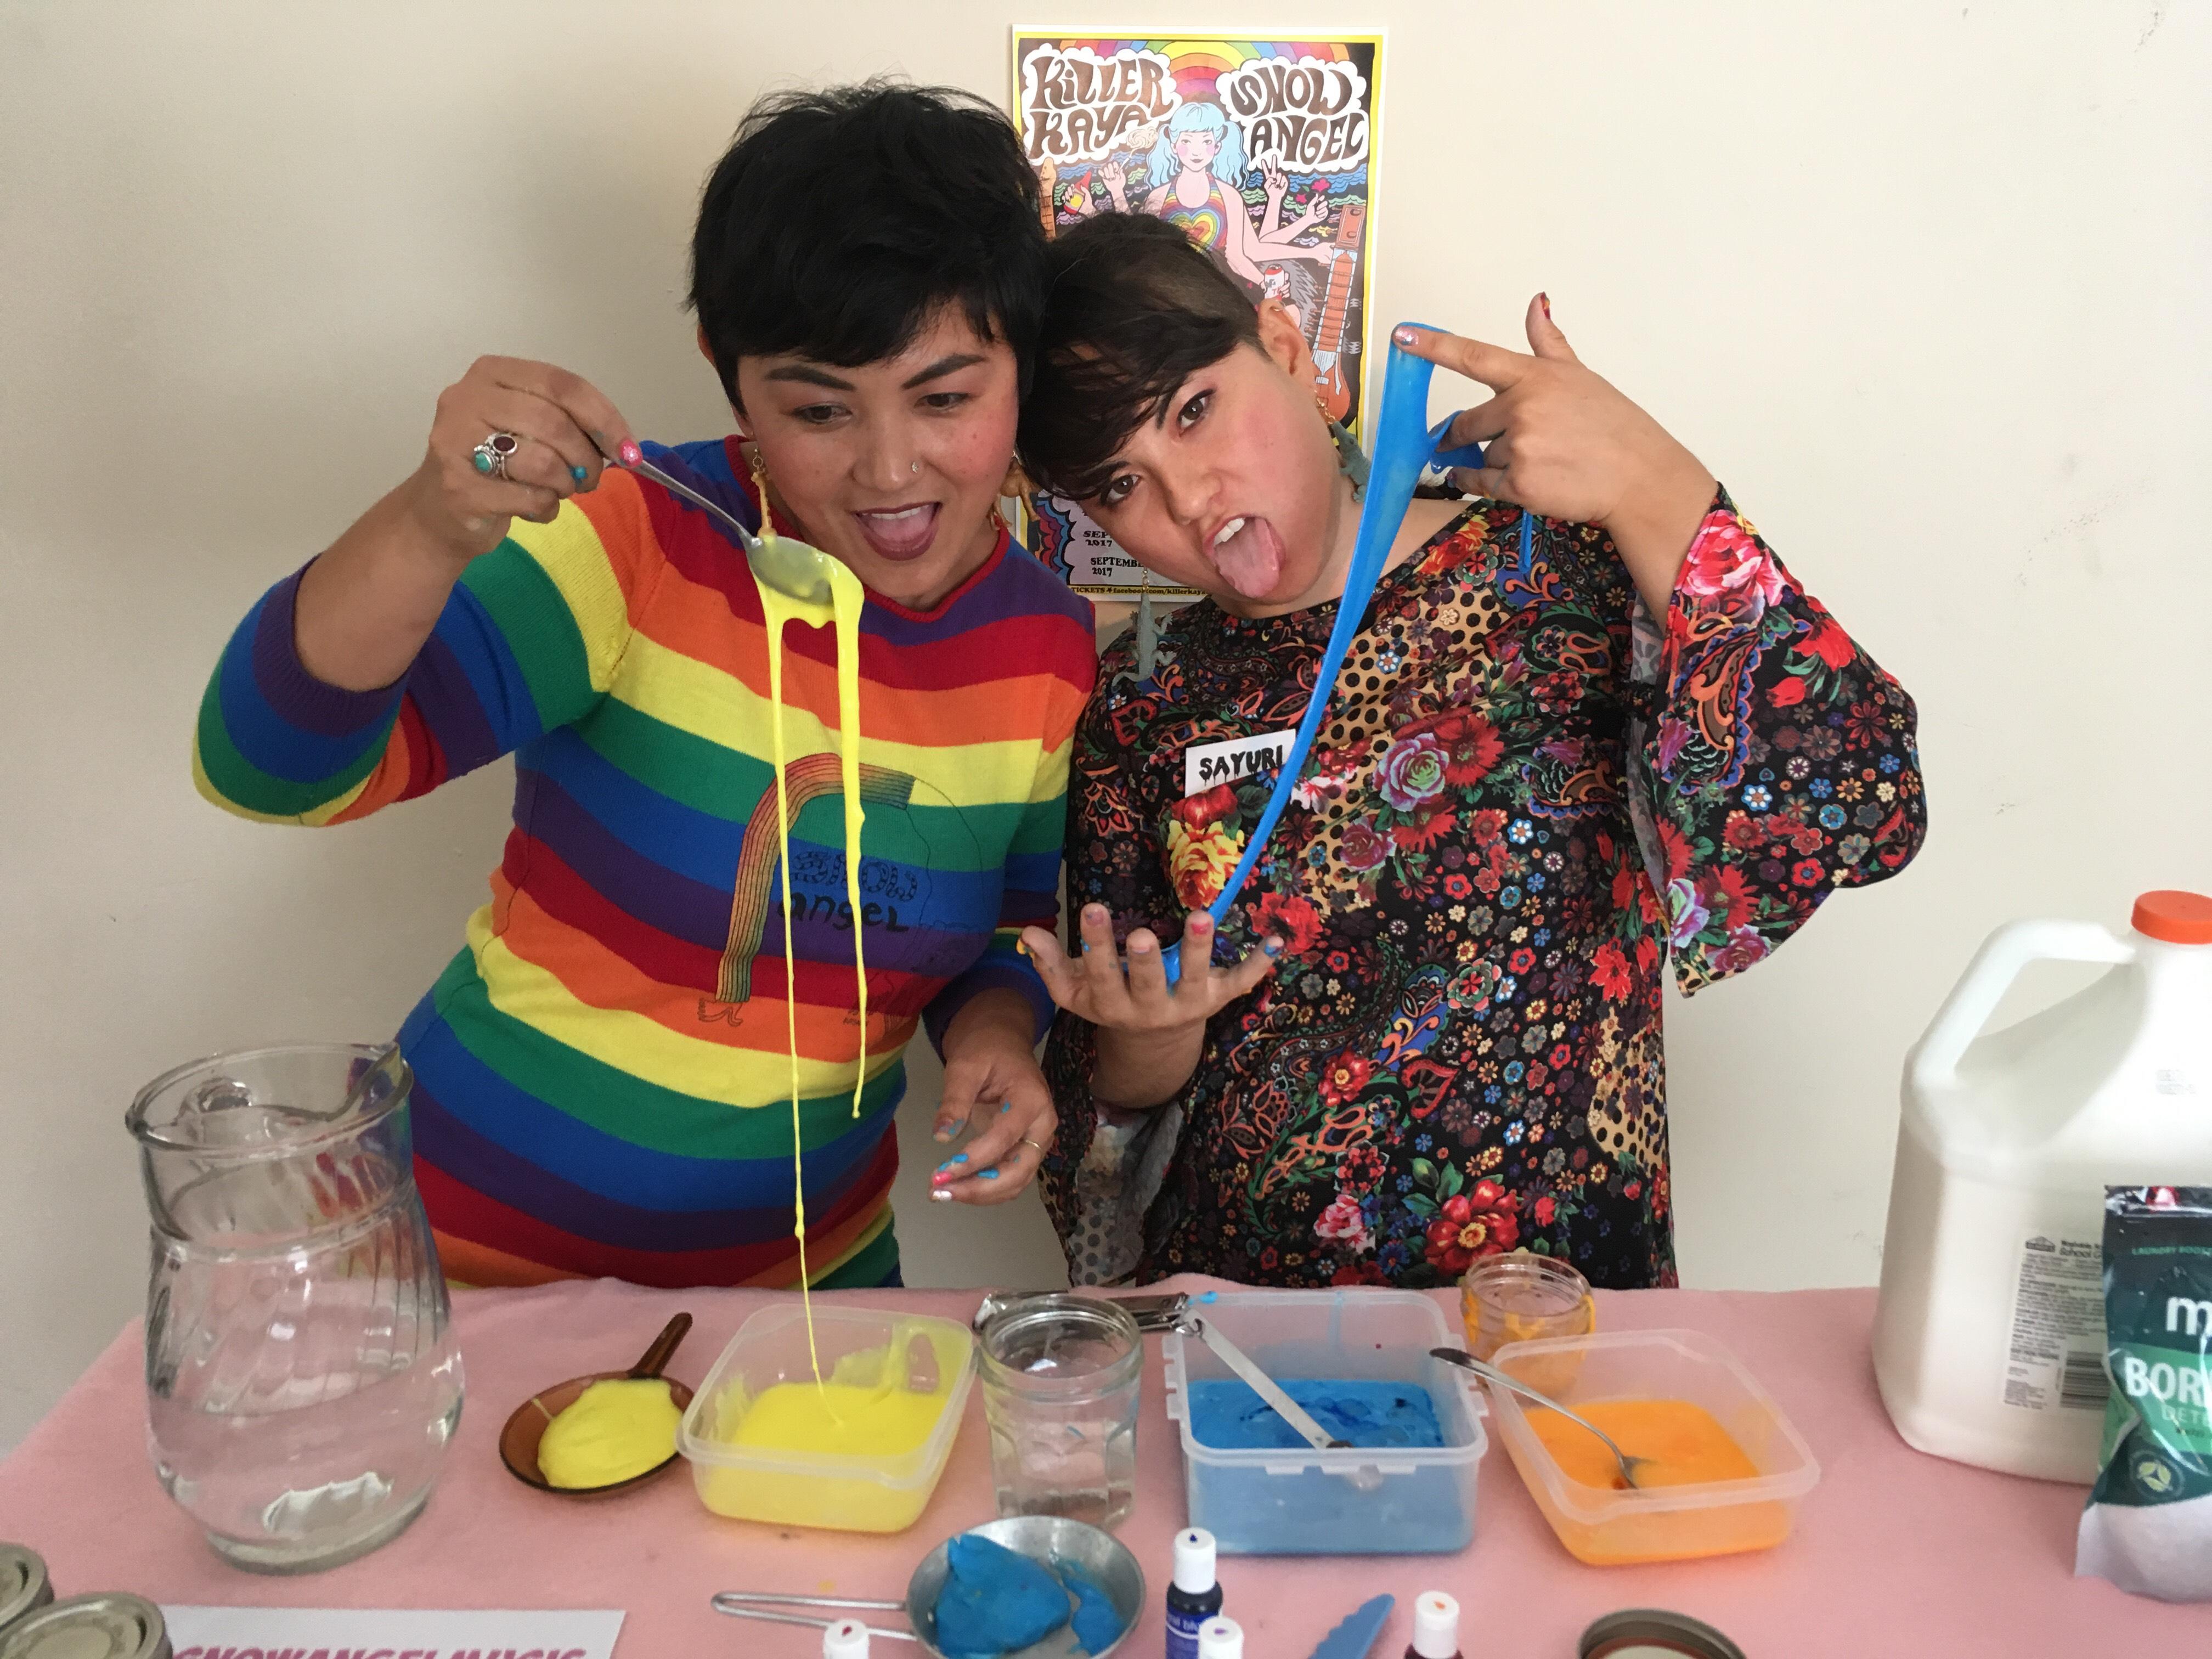 ASMR Slime Crafting with Sayuri and Gabby La La